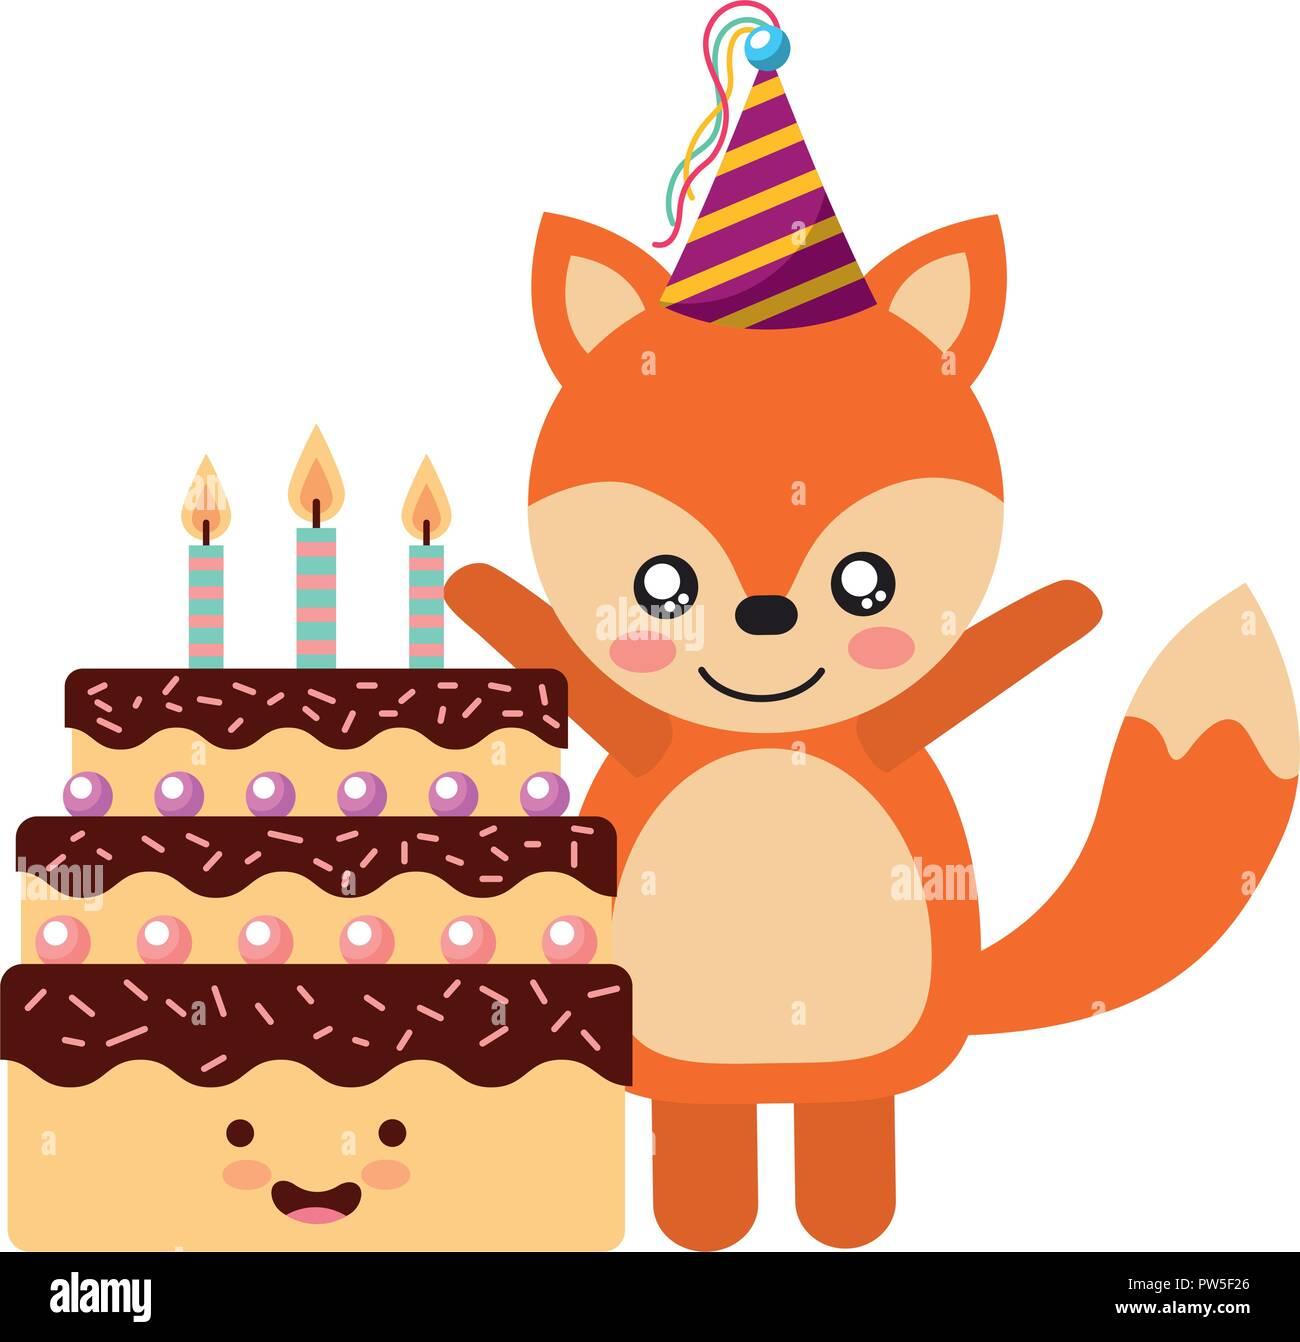 244bd4286 Lindo fox y pastel de cumpleaños kawaii. Disponible para cualquier proyecto